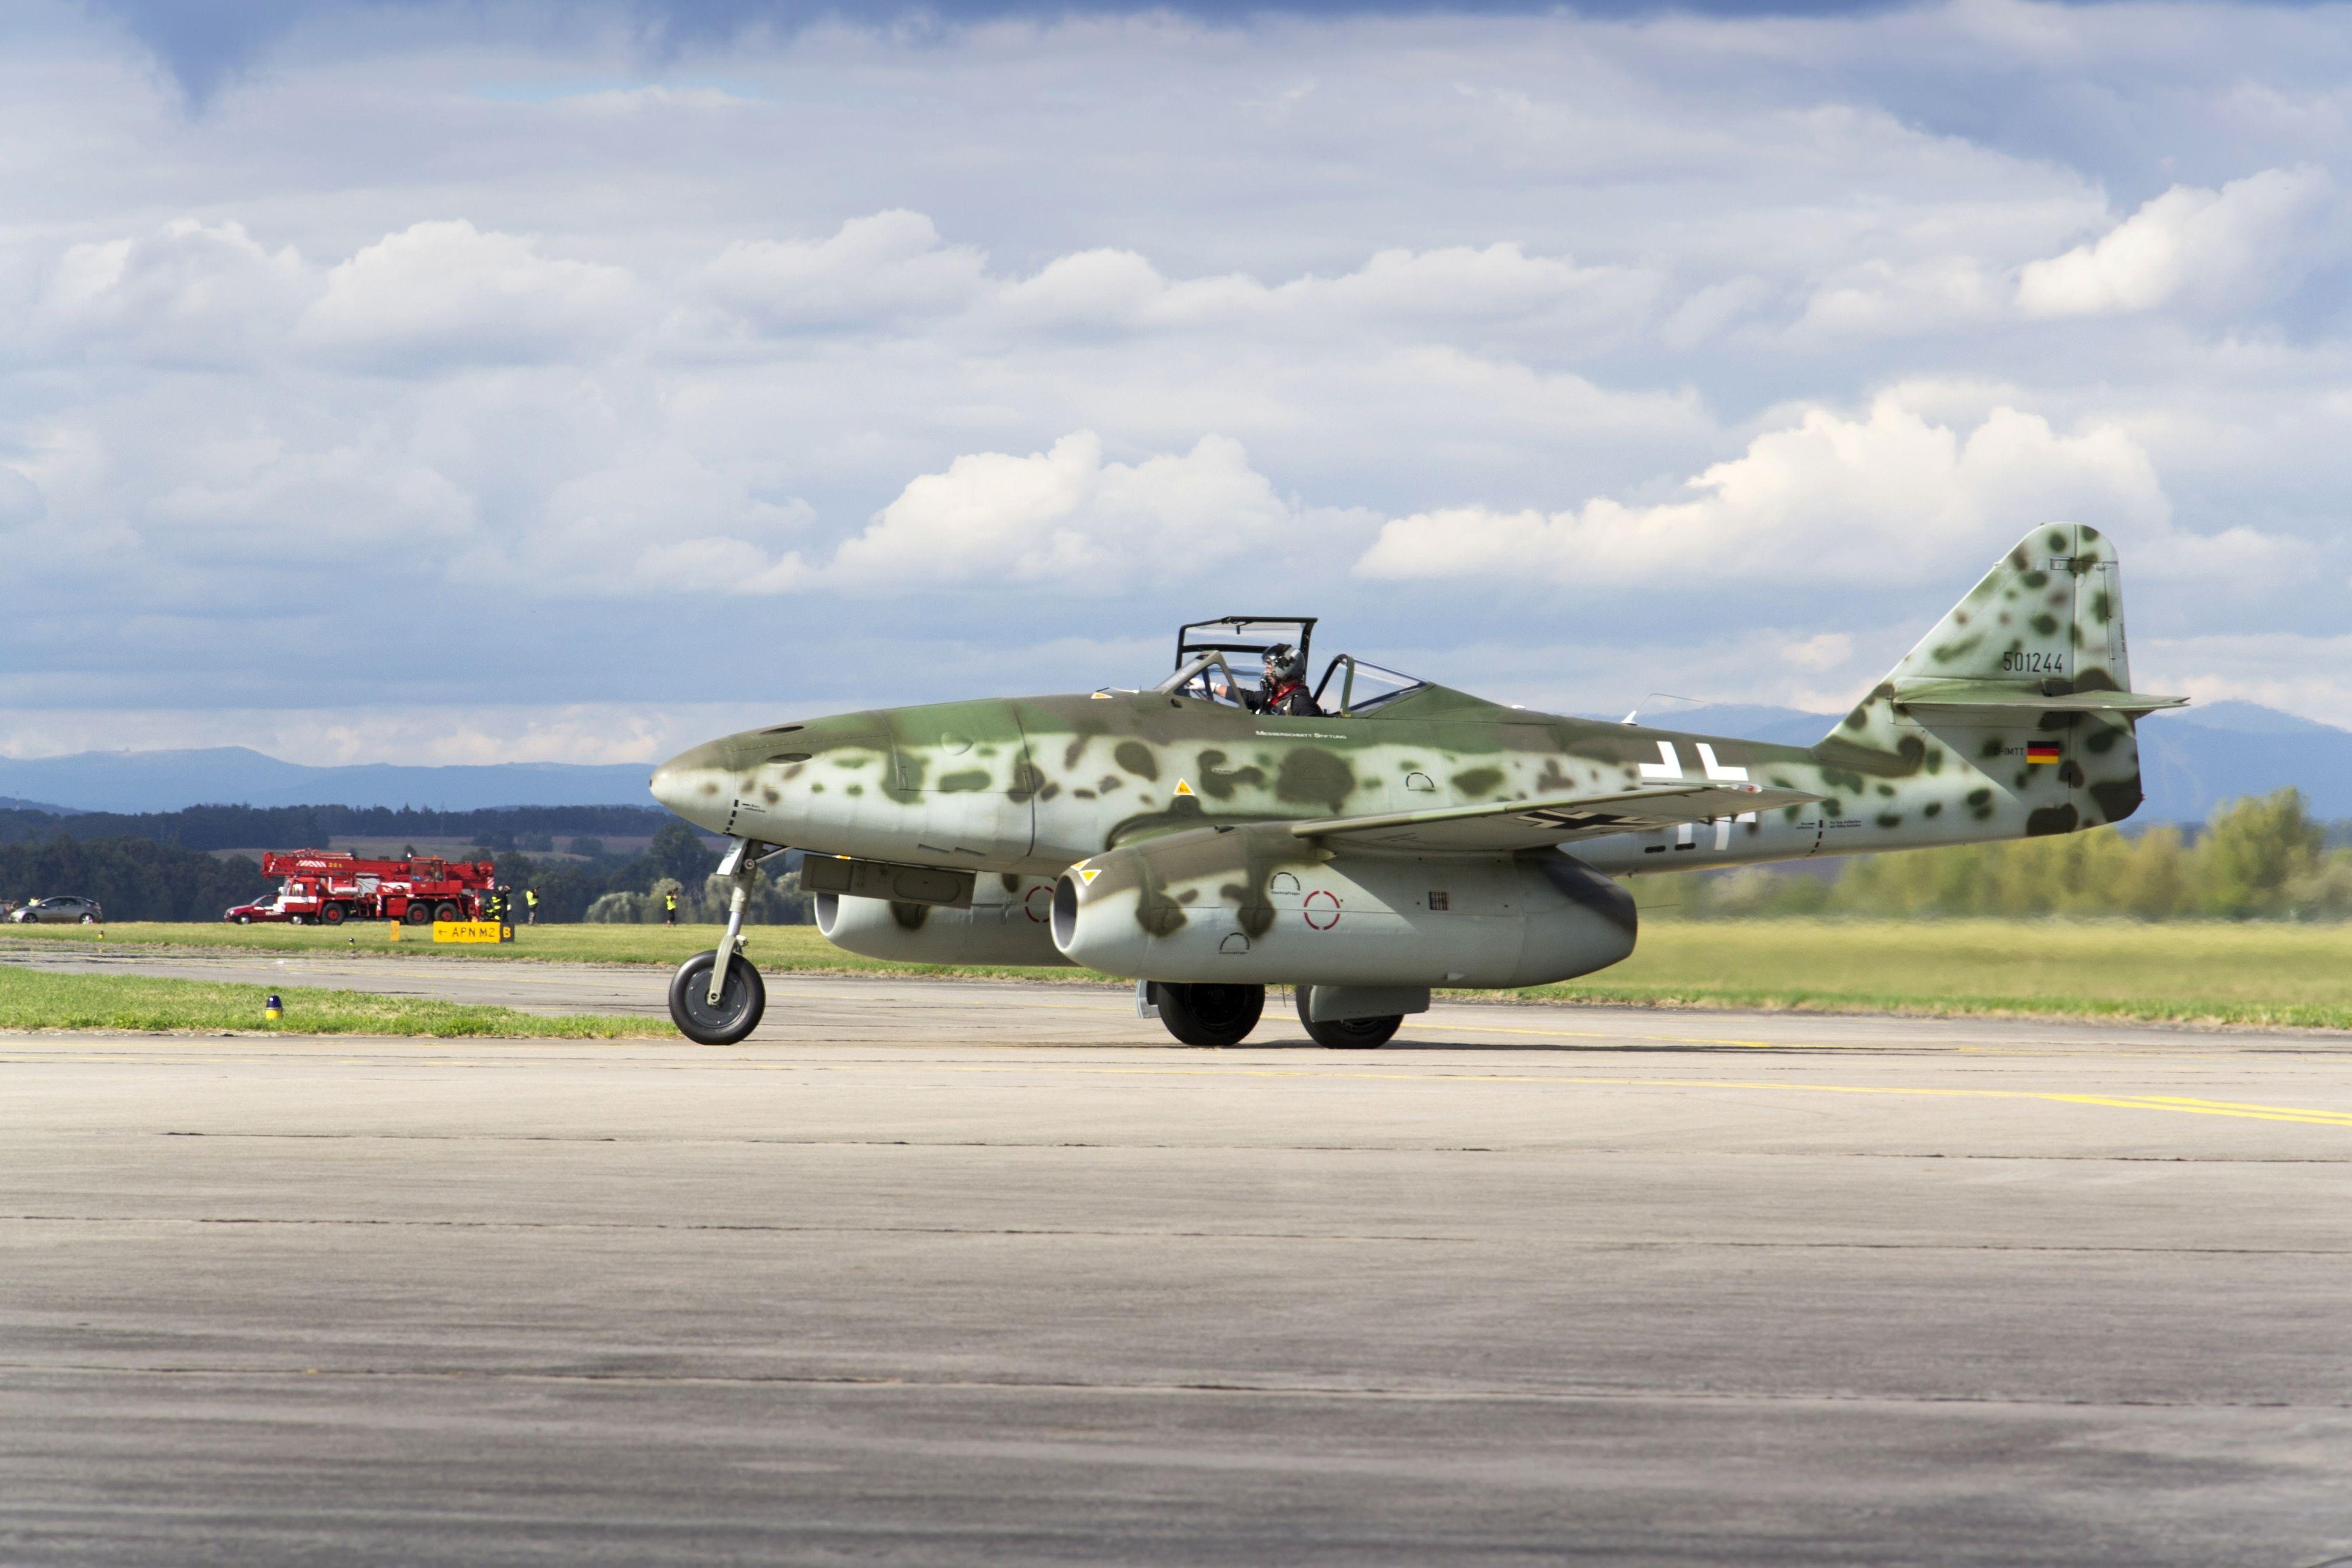 England og USA så ikke hva som skjedde i Tyskland, og lot være å finansiere forskning på turbojetmotorer før krigen var et faktum. Dermed fikk Tyskland er forsprang som de allierte aldri fikk tatt igjen. Men uansett var det fungerende jetflyet født – her i form av en Messerschmitt Me 262.